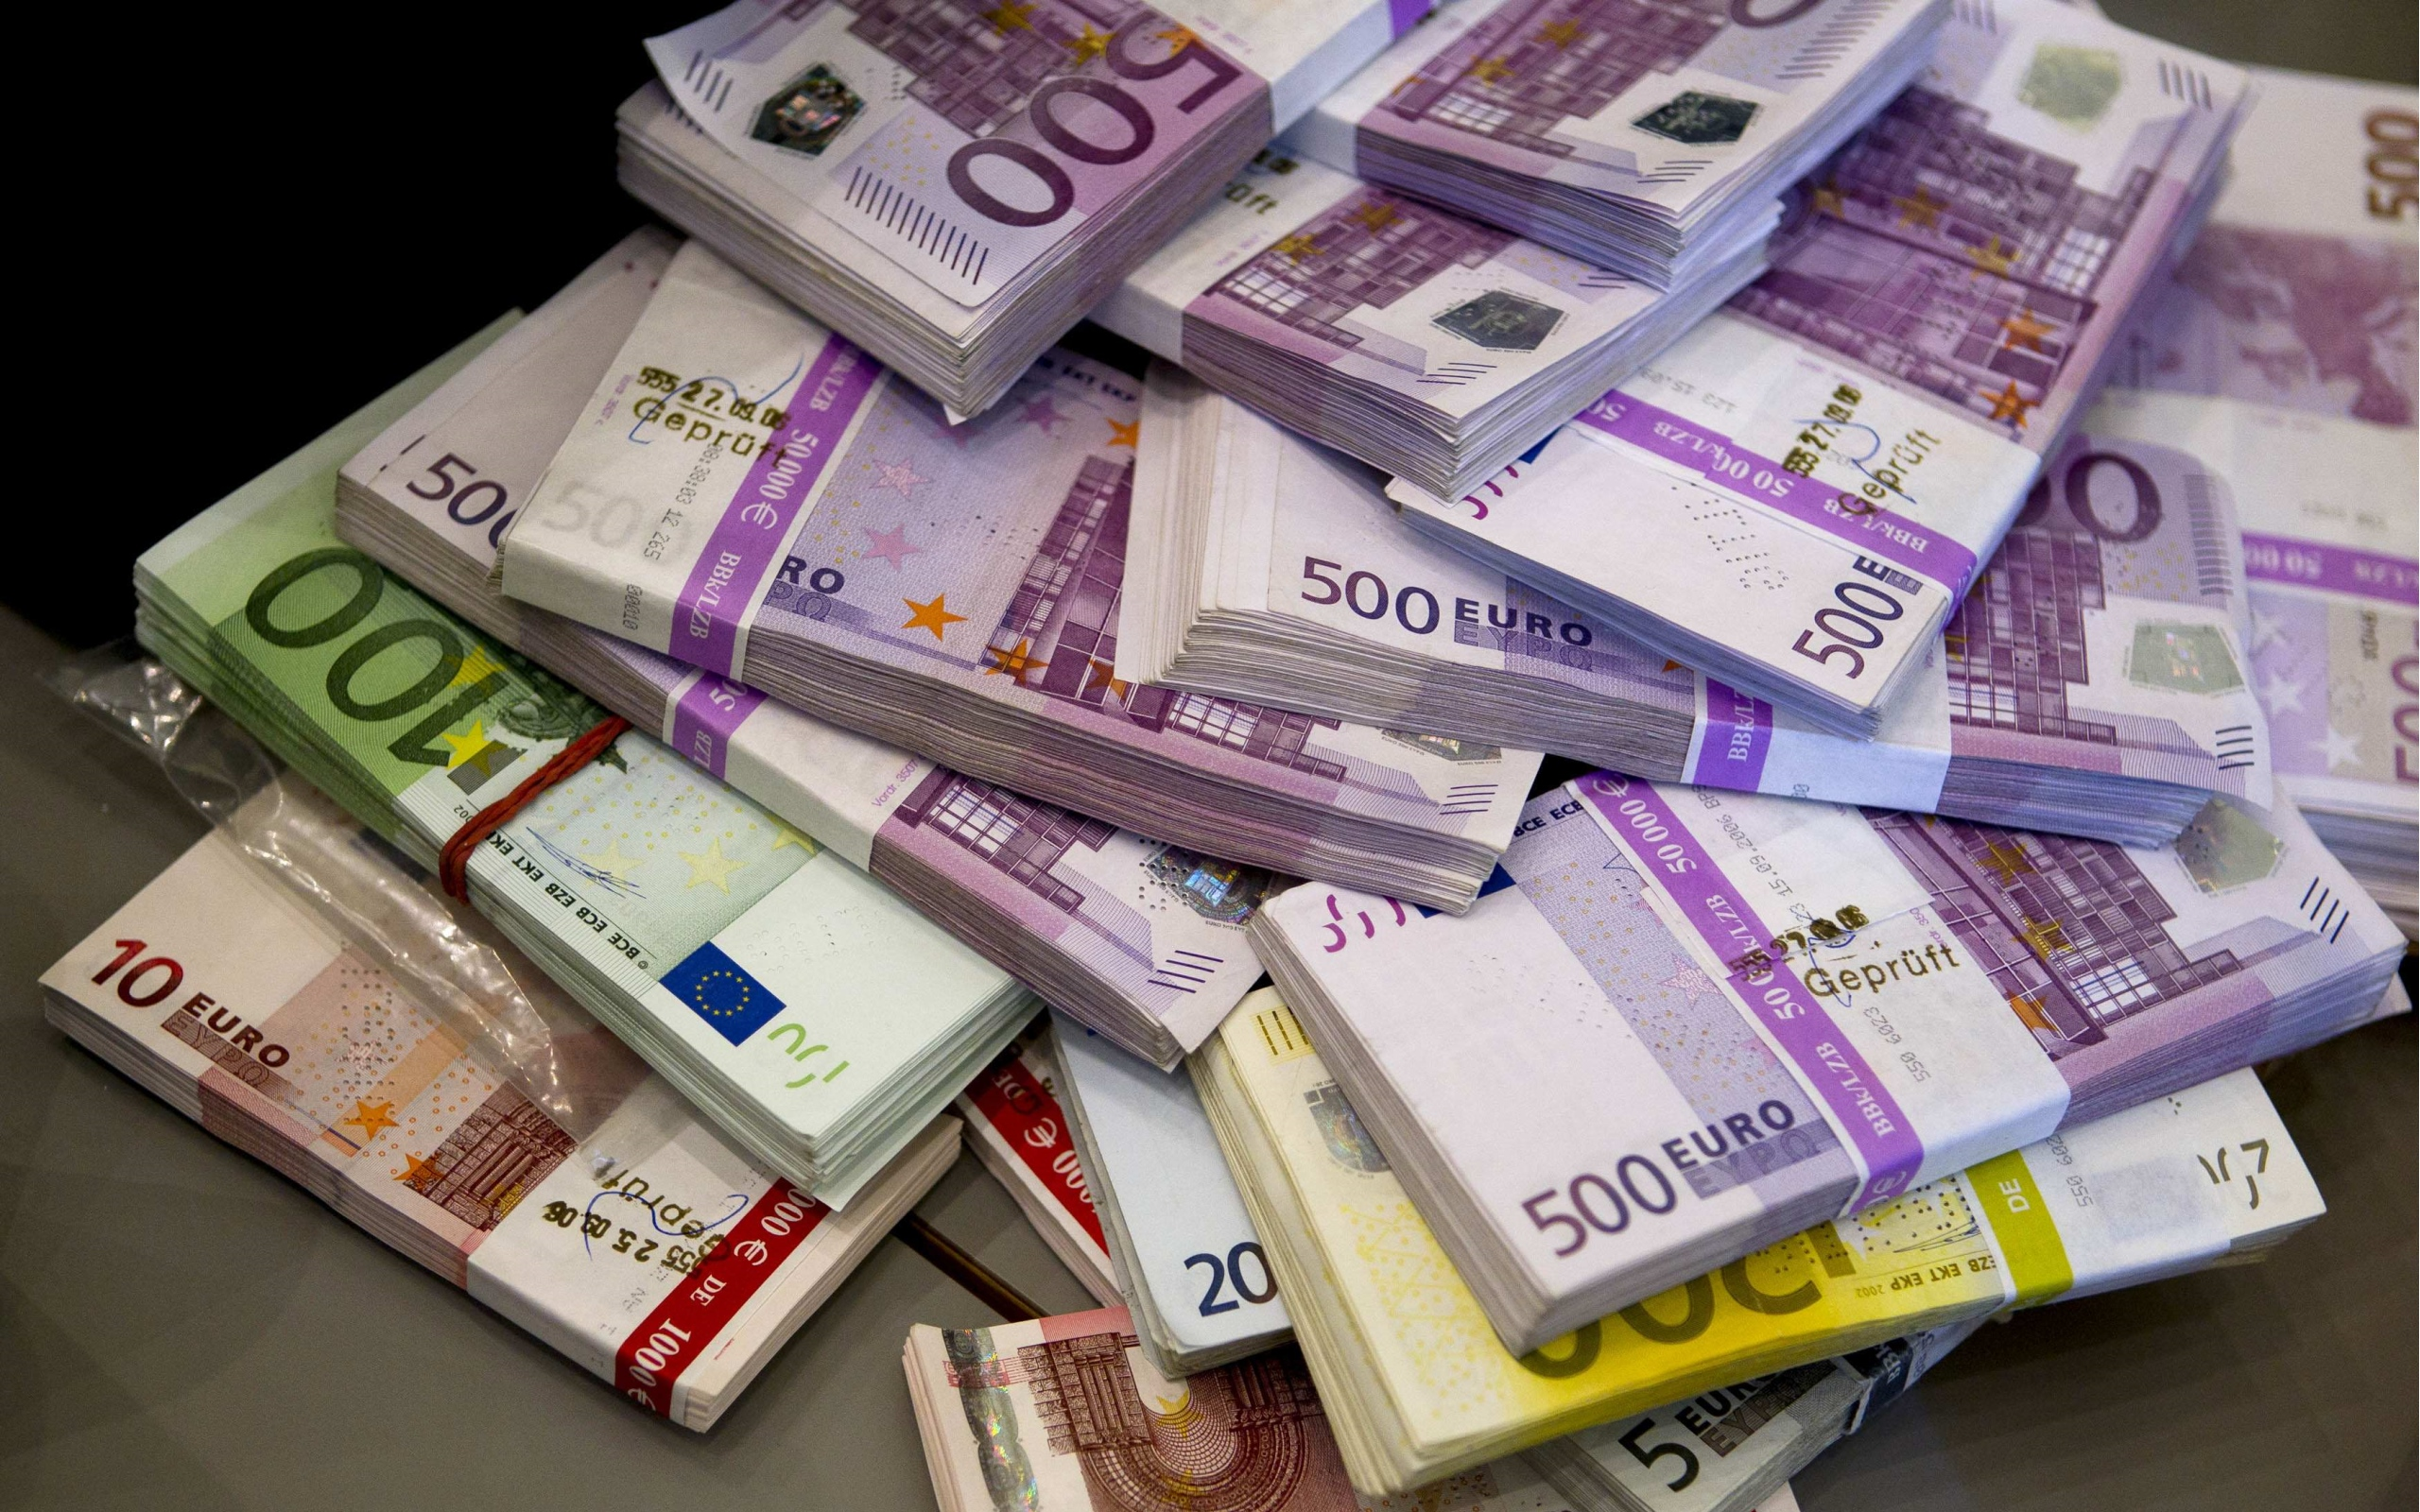 Фильм 100 миллионов евро  2011 бесплатно